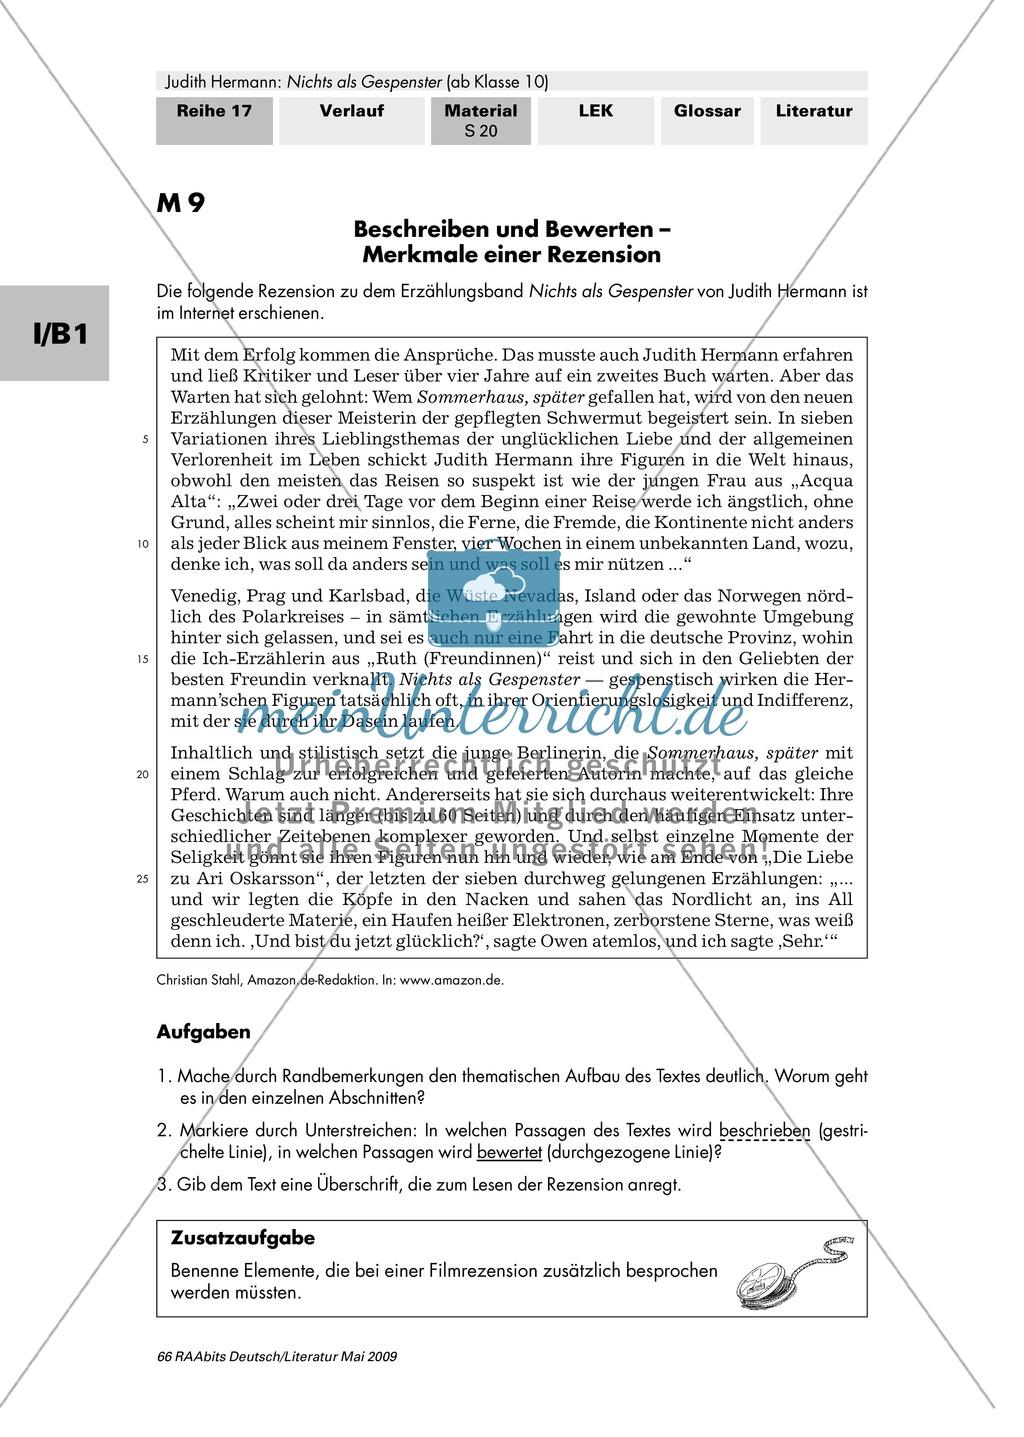 """Beschreiben und Bewerten - Merkmale einer Rezension anhand Hermanns """"Nichts als Gespenster"""" Preview 1"""